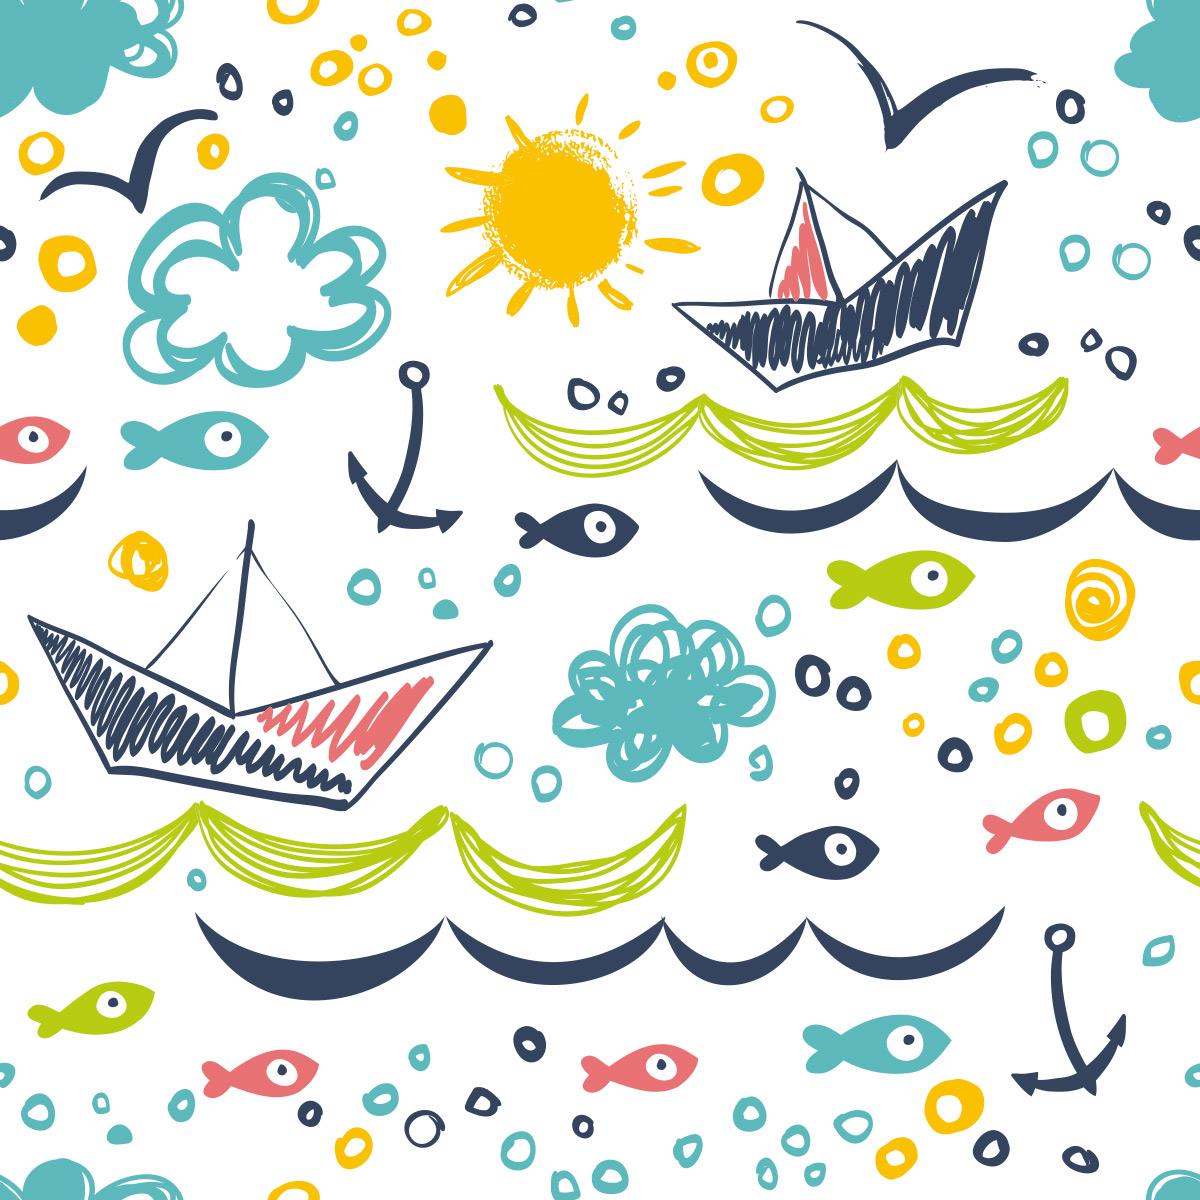 Papel de Parede Barquinho Infantil Peixes Mar Adesivo